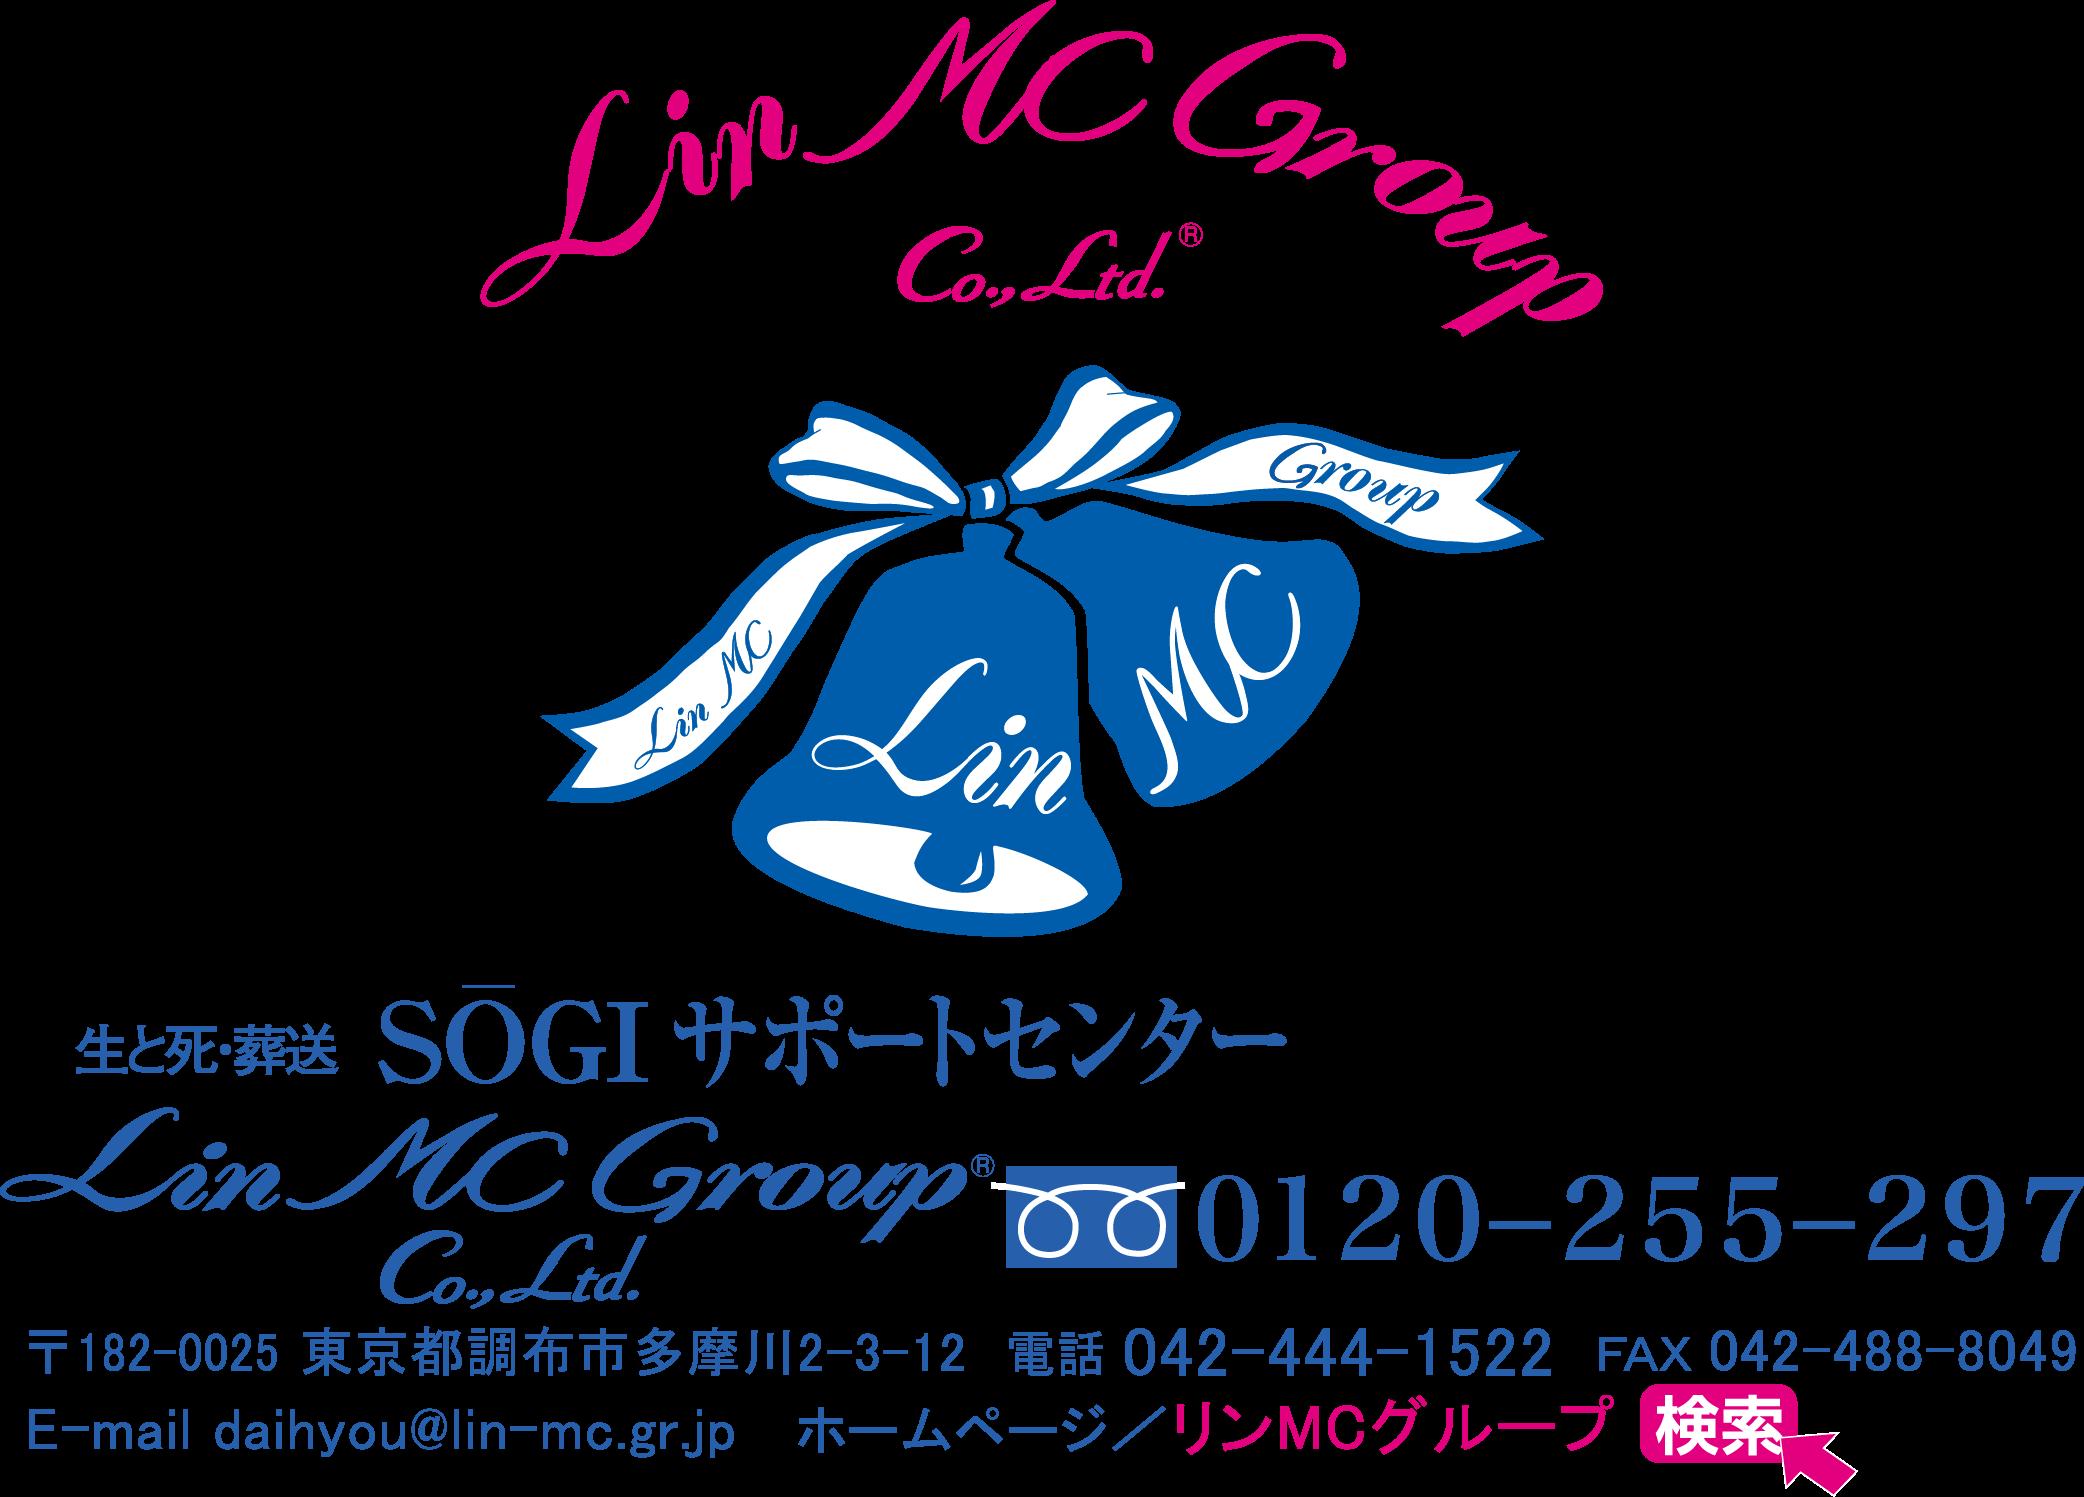 ご葬儀のご相談はLin MC Group株式会社のSOGIサポートセンターまでお問い合わせください